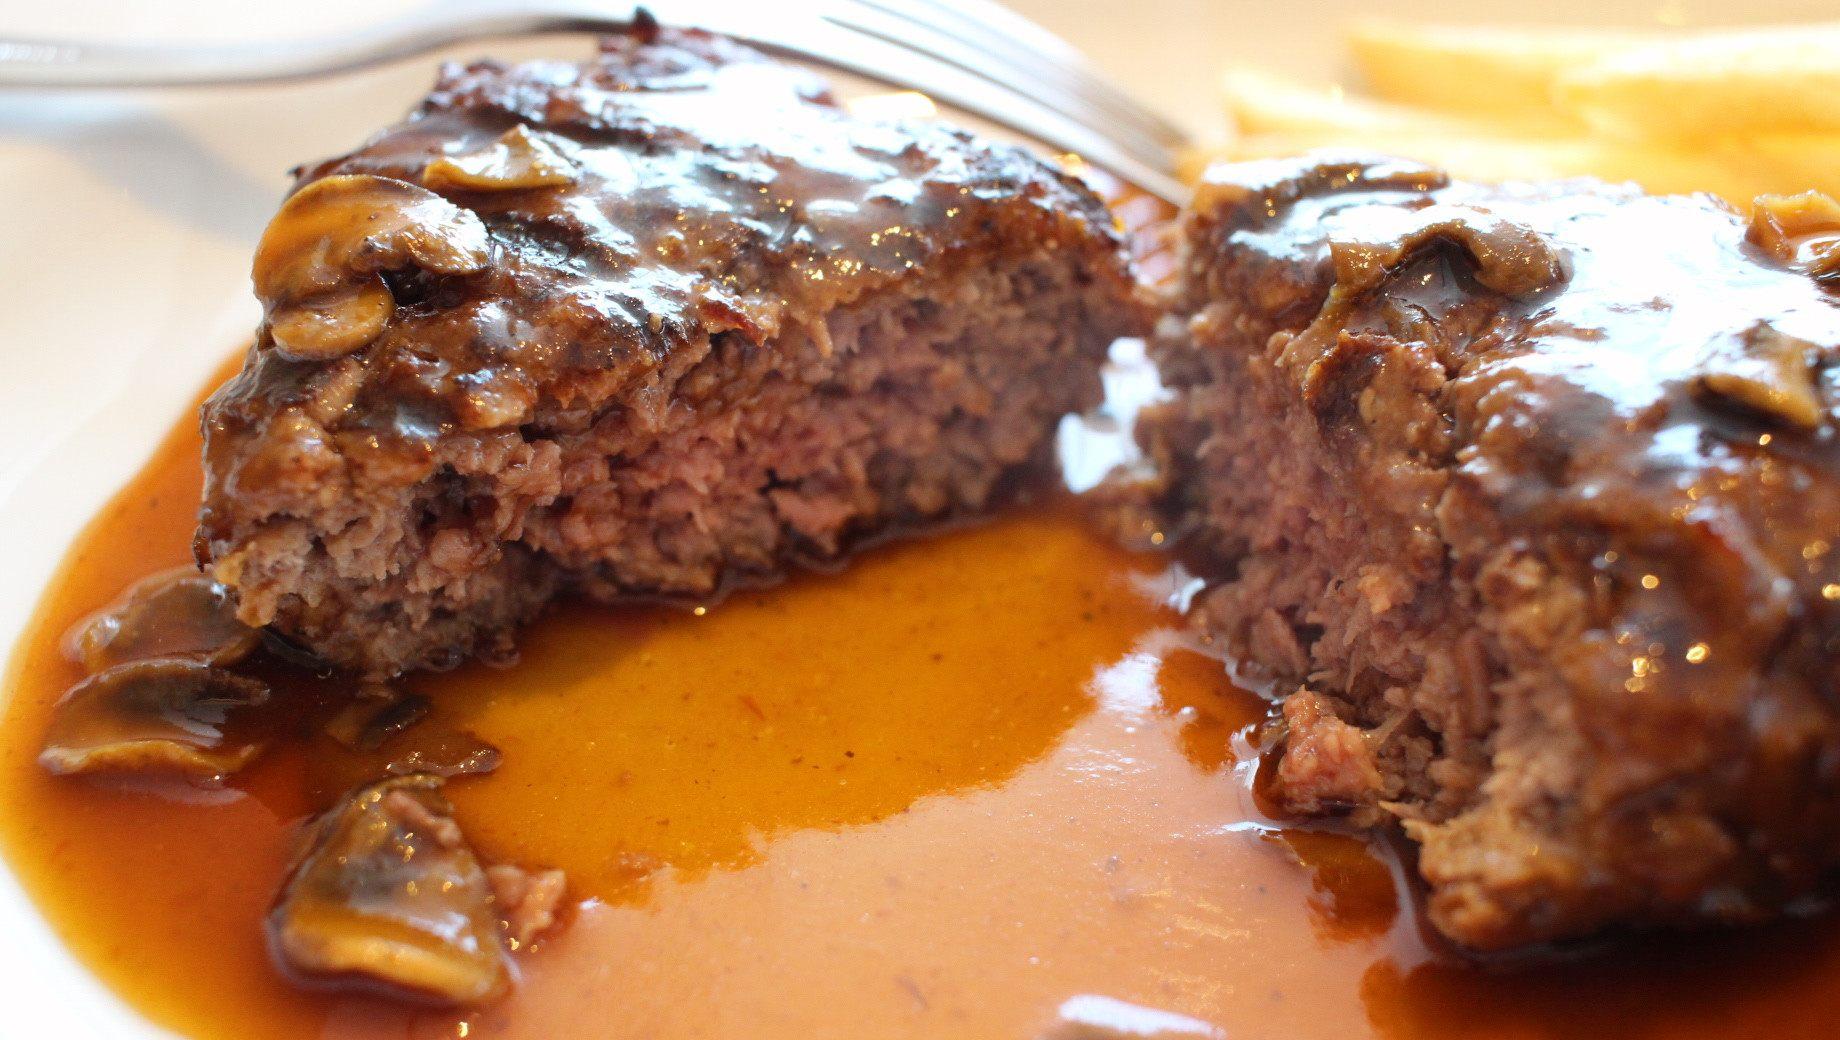 將漢堡牛排切開後,肉汁馬上就溢了出來